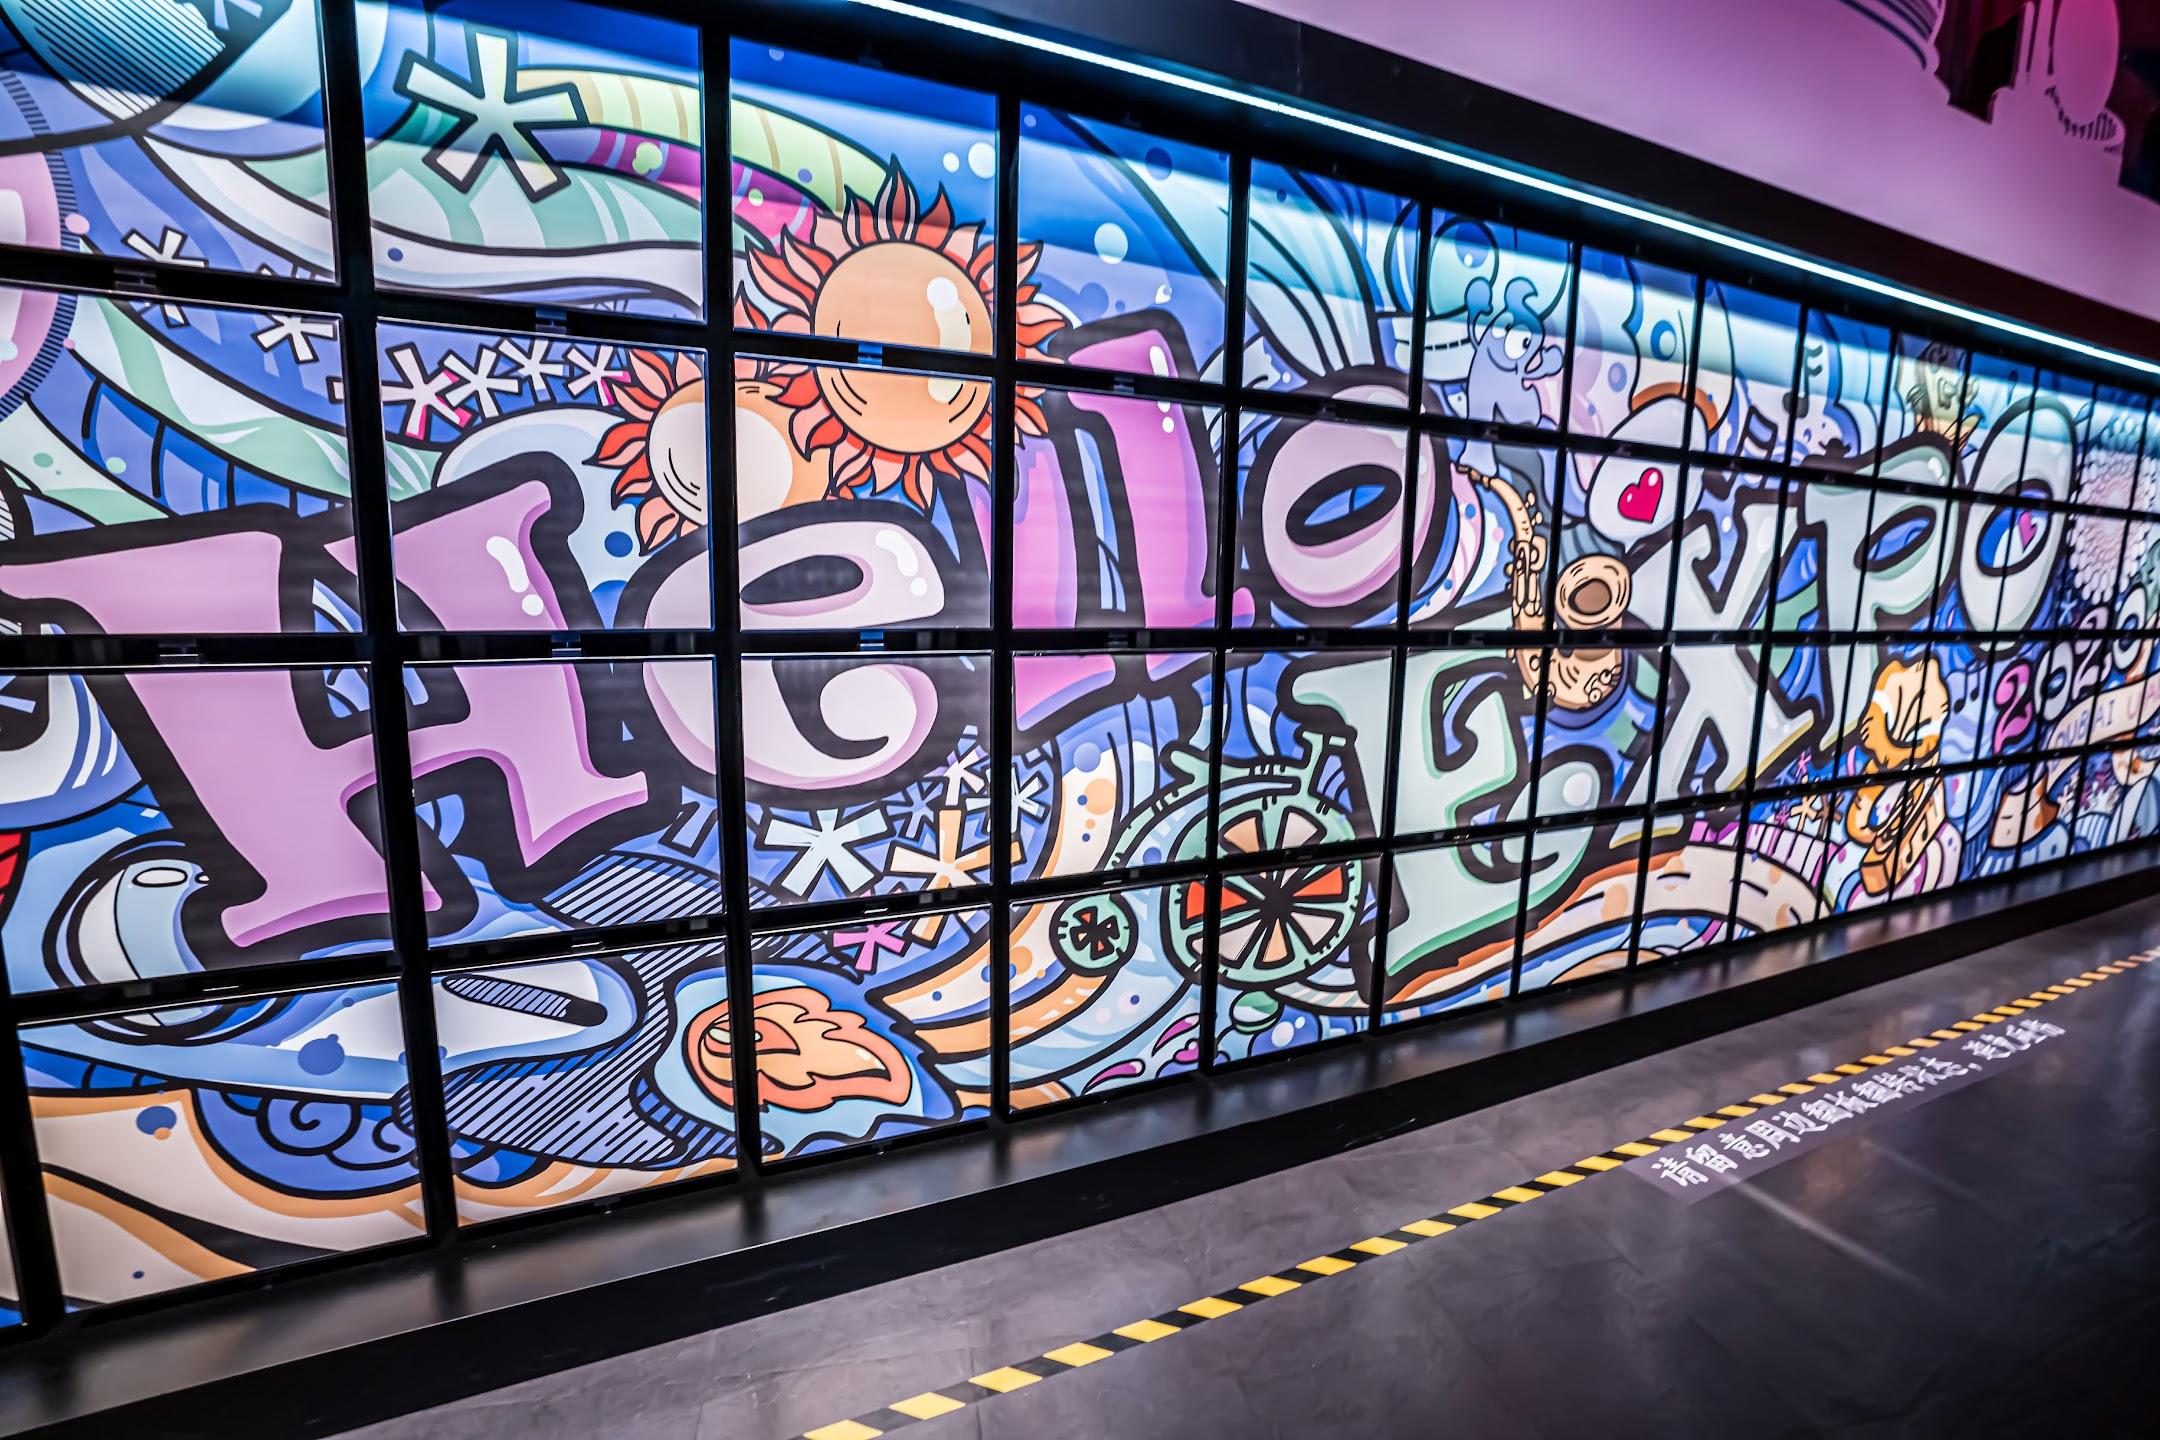 上海 世博会博物館 (World Expo Museum)8